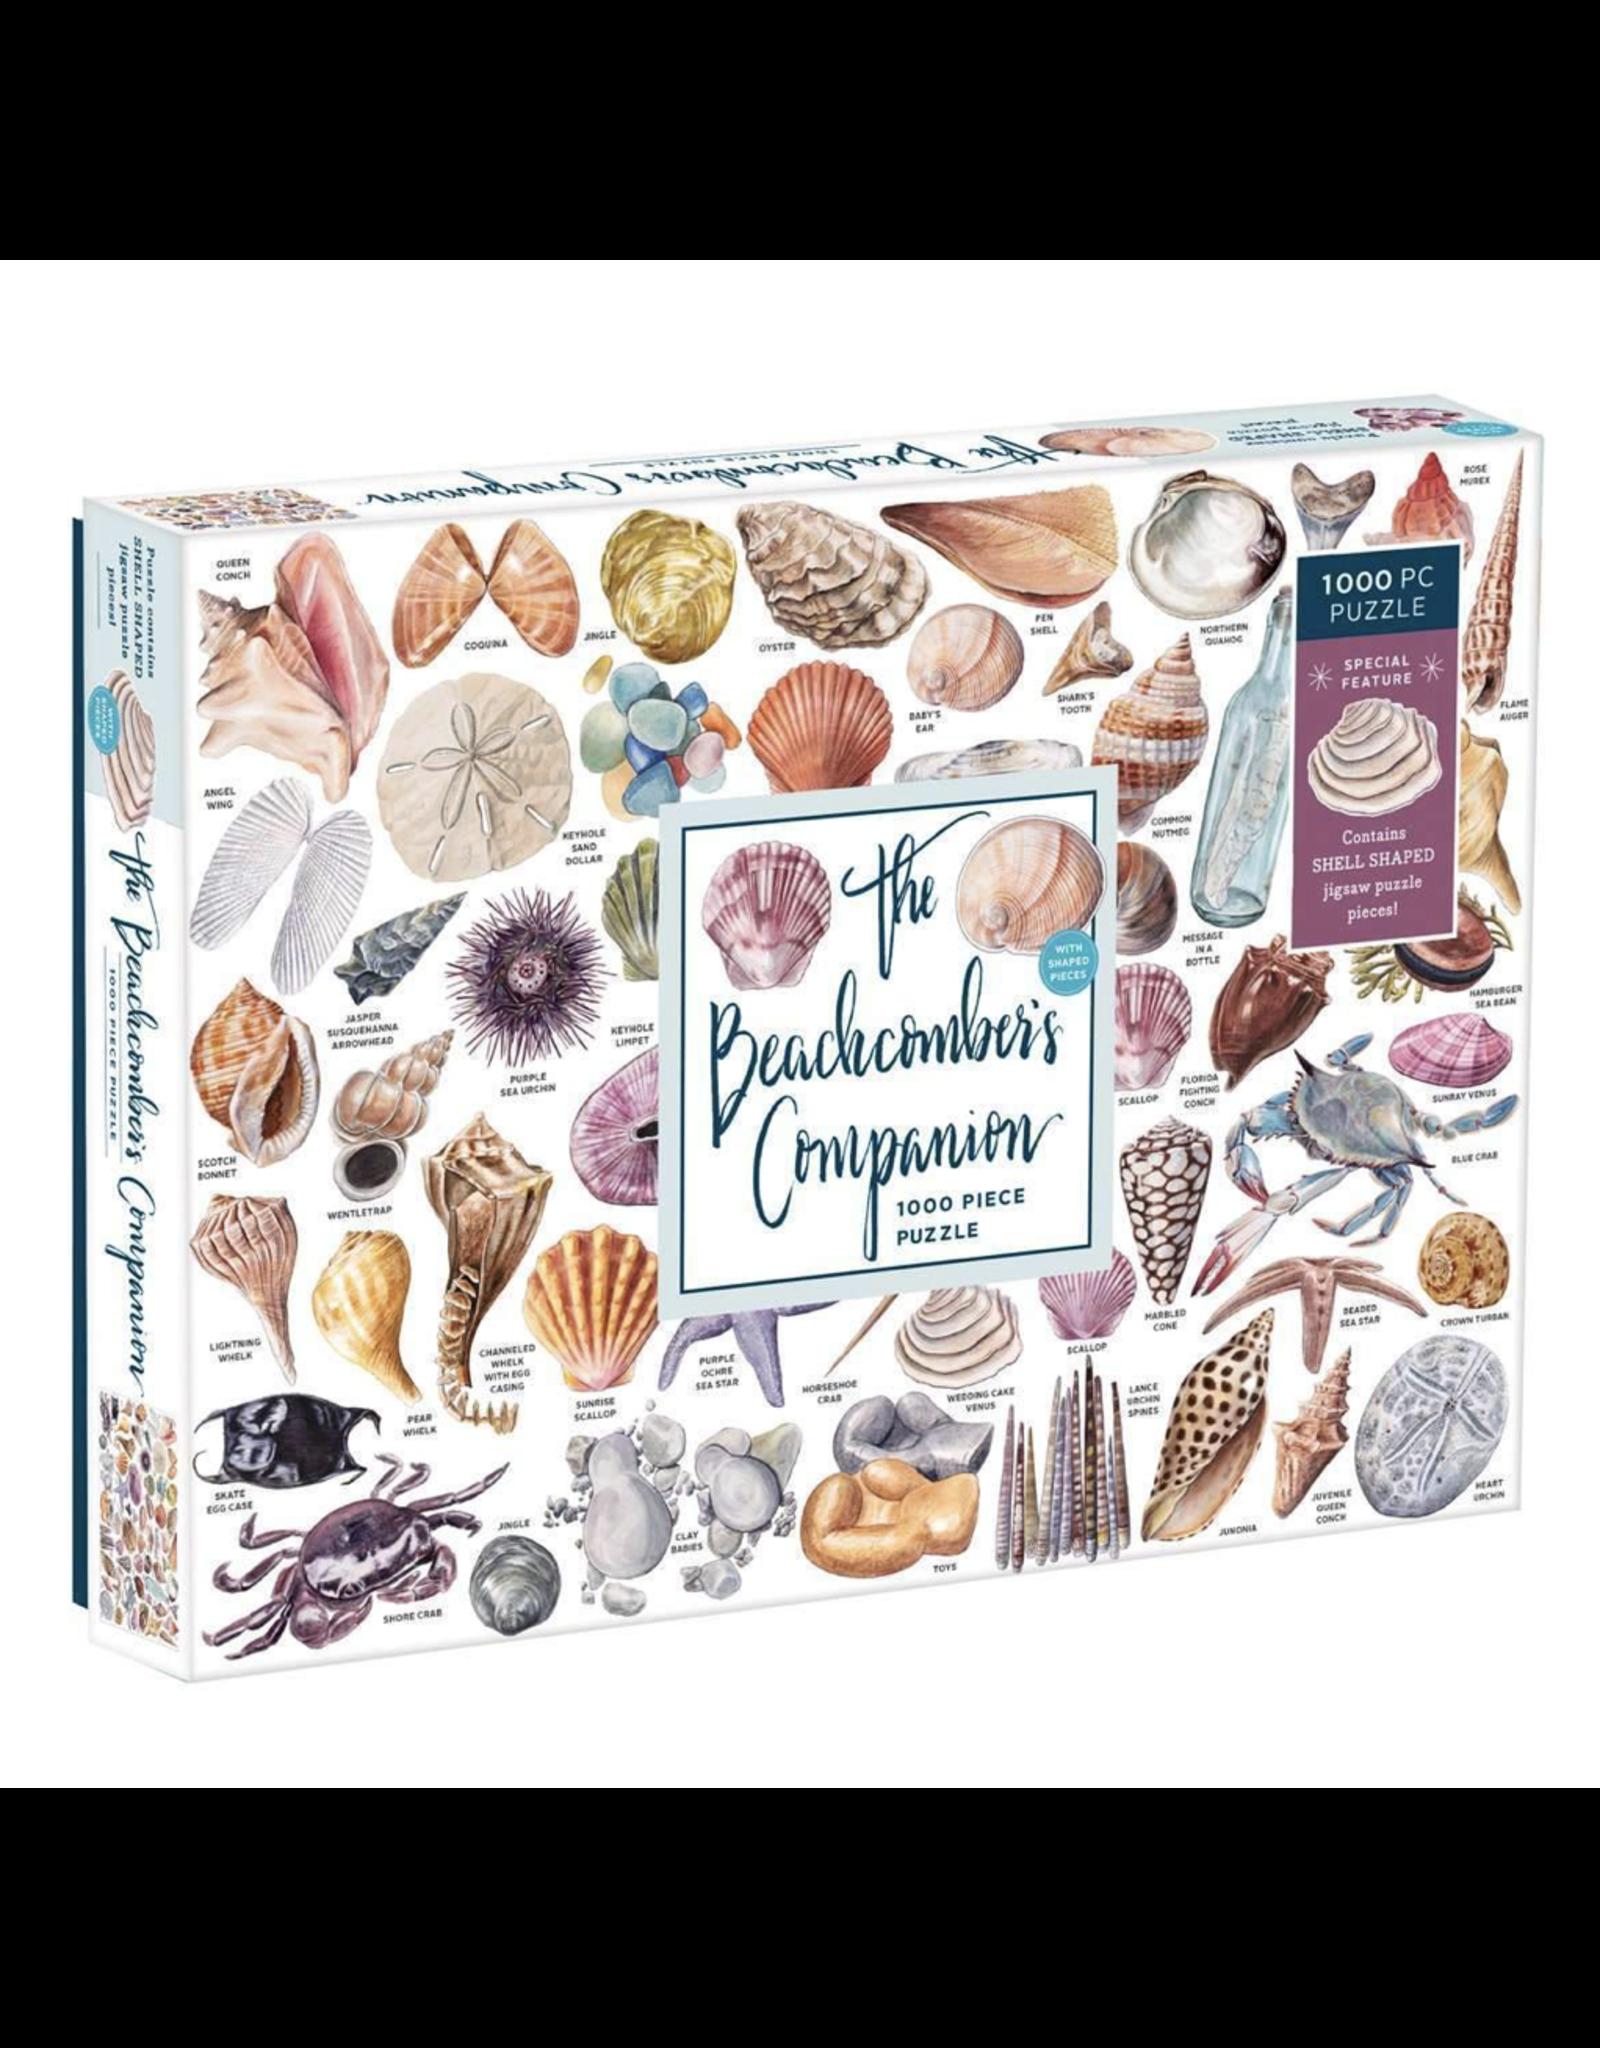 Beachcombers Companion Puzzle